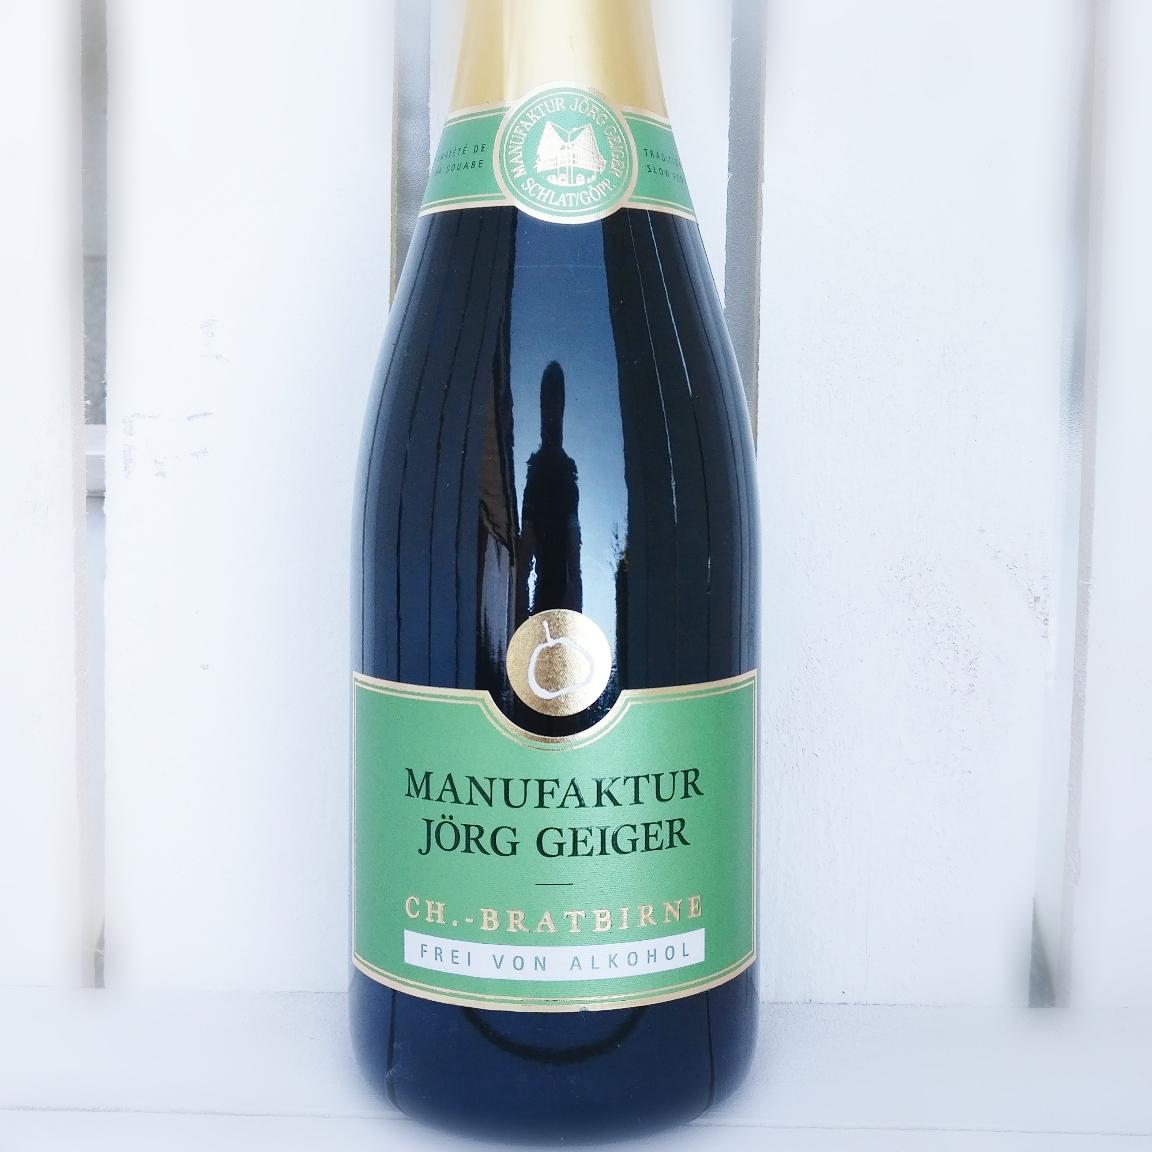 MF Geiger Champagnerbratbirne_20200411_184415